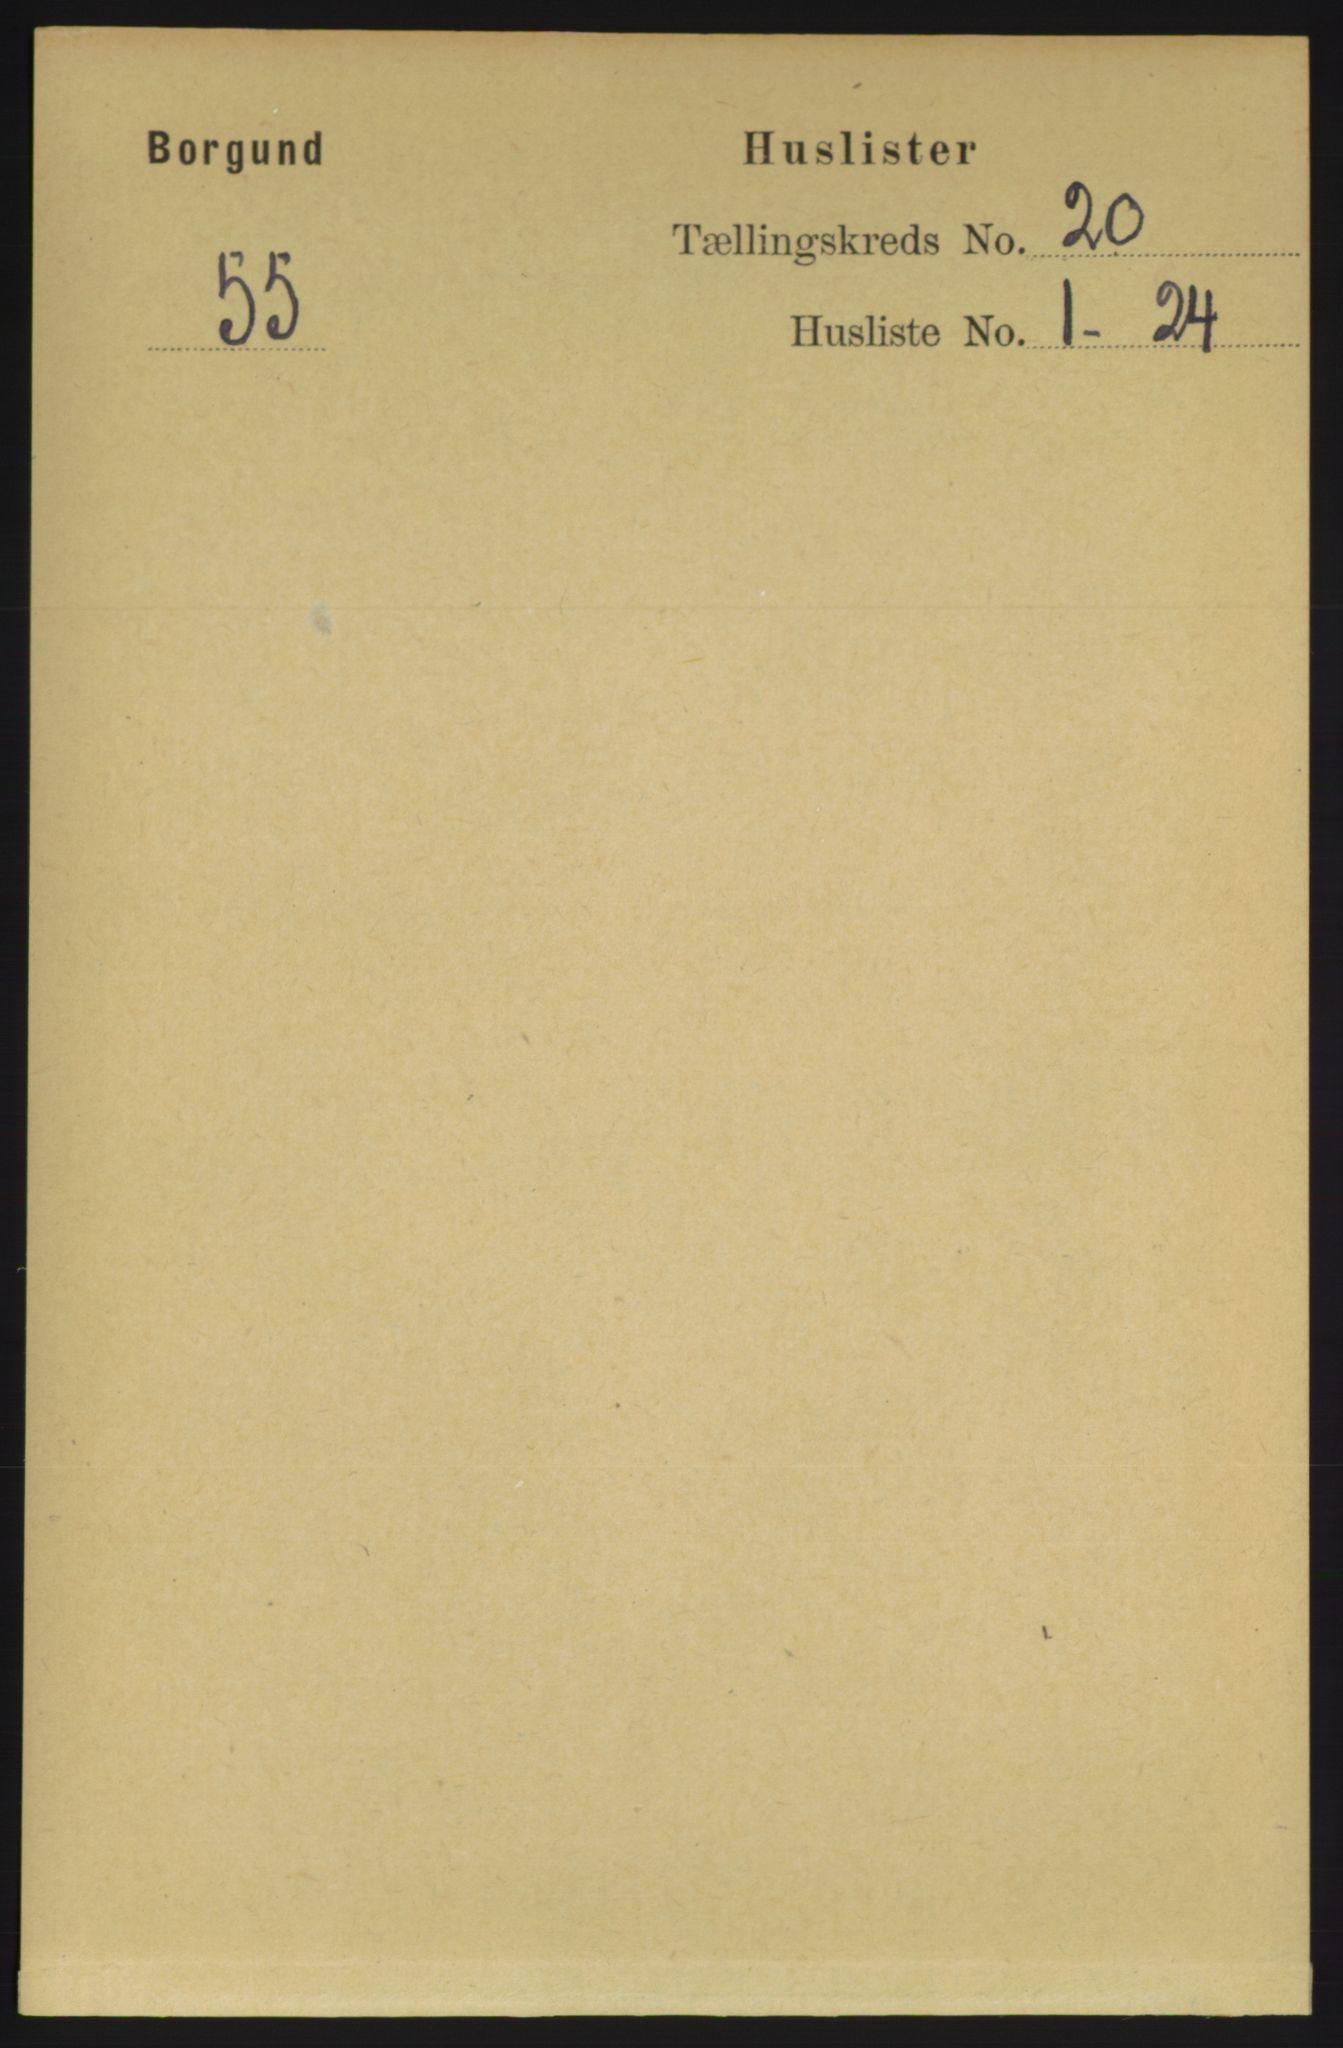 RA, Folketelling 1891 for 1531 Borgund herred, 1891, s. 6083